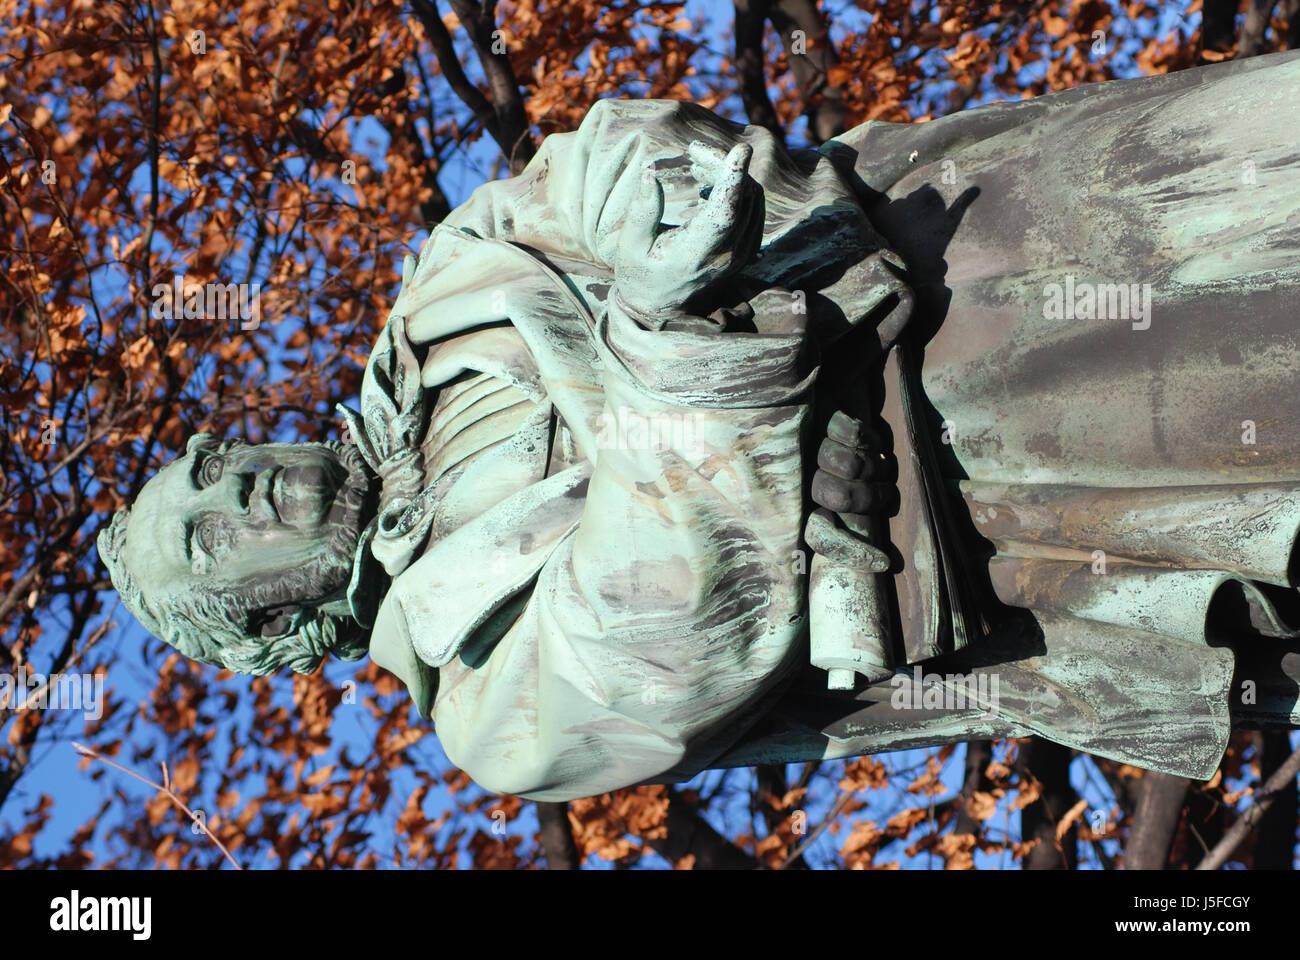 monument statue bust pointer august reformer way man friedrich list - Stock Image